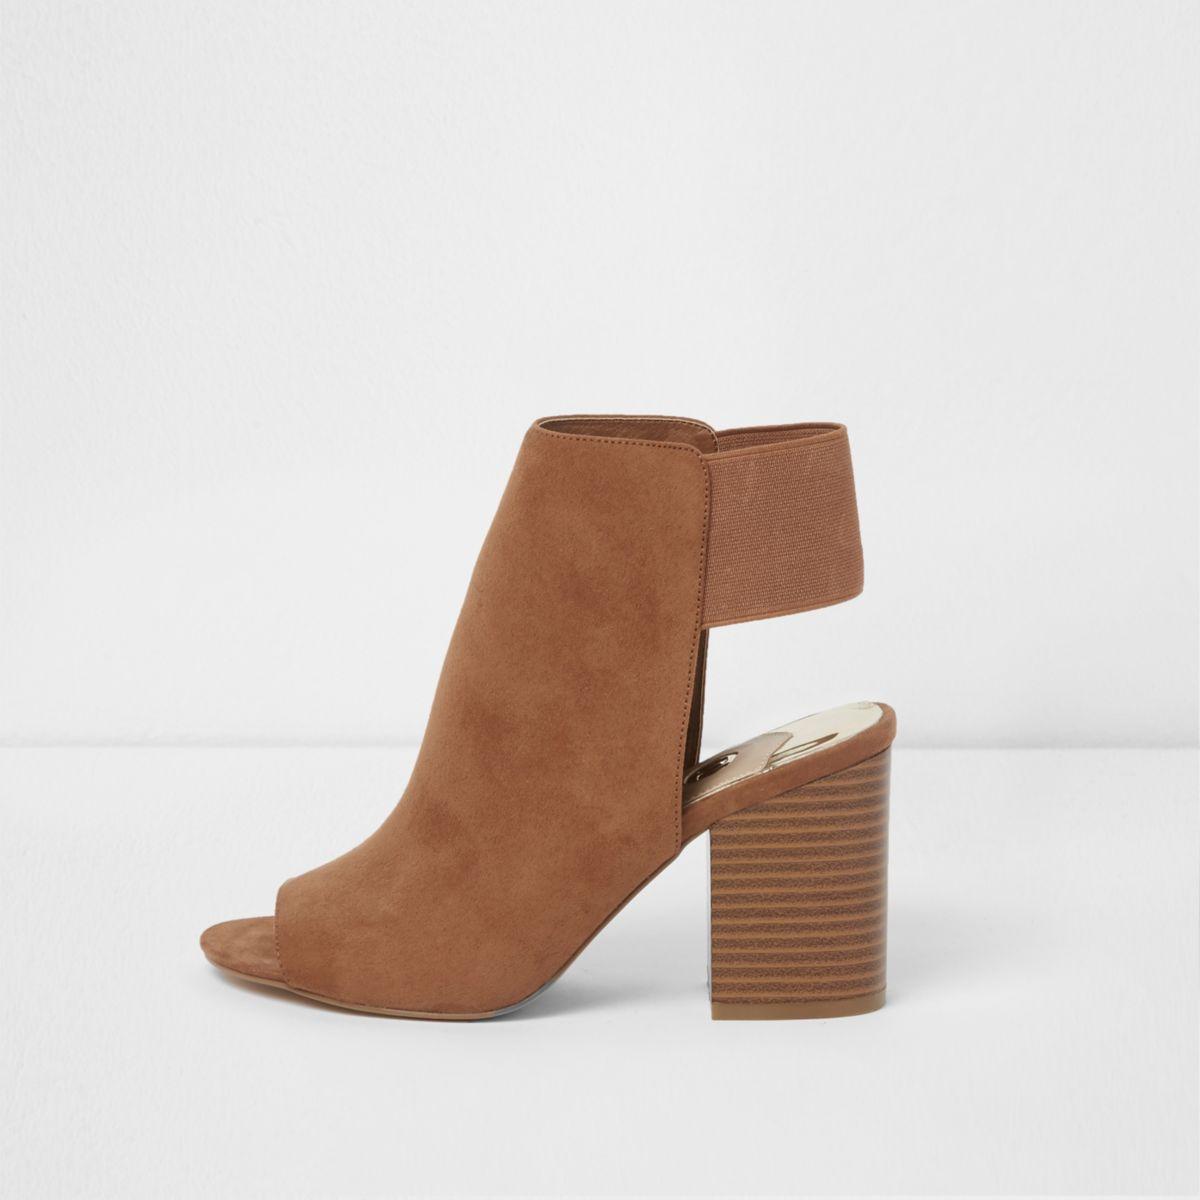 Tan wide fit block heel shoe boots